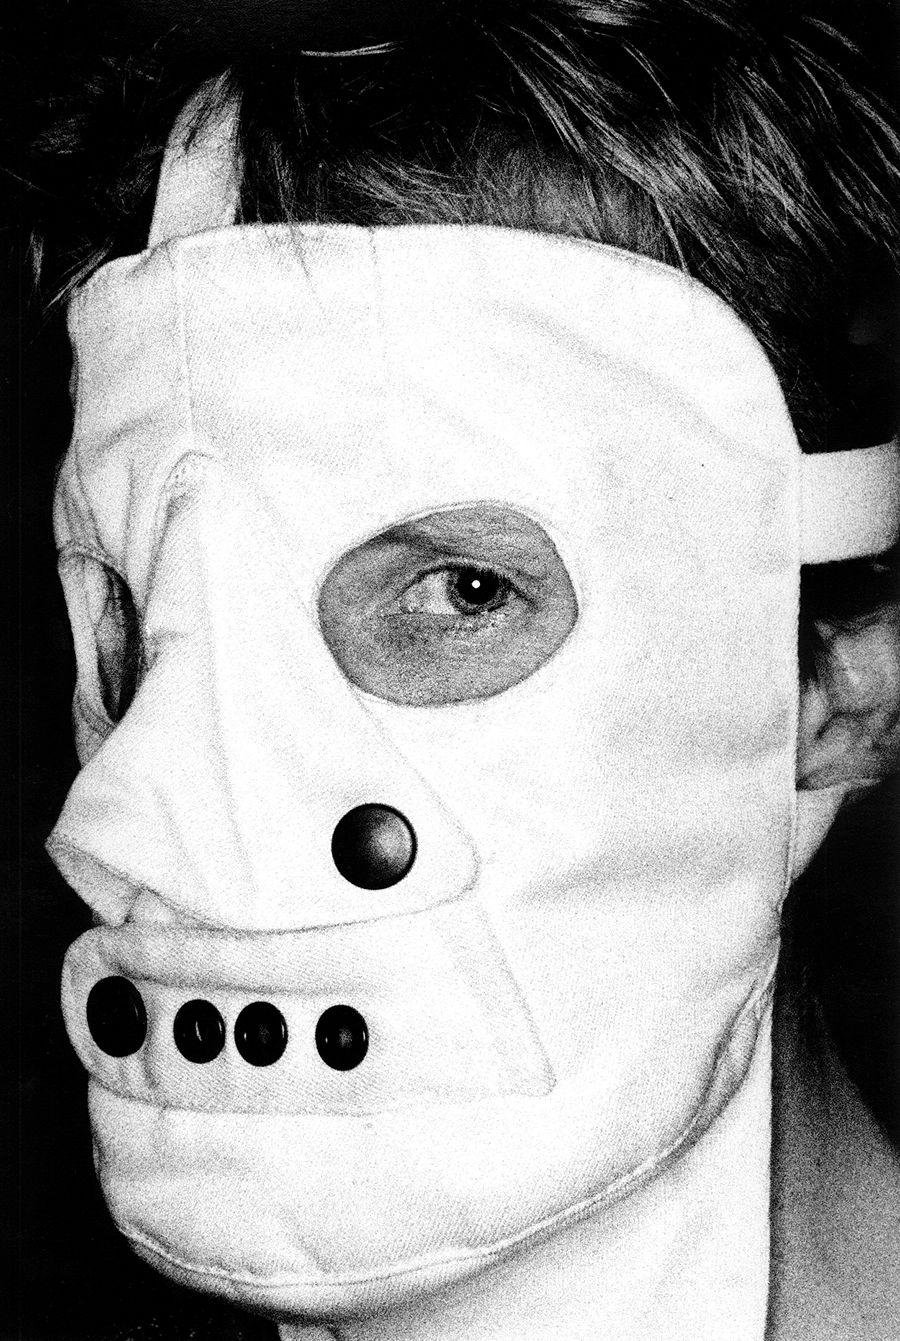 med-Tony_Ward_photography_wasteland_portfolio_man_with_straightjacket_mask_fetish_bondage_mental_issues-c92